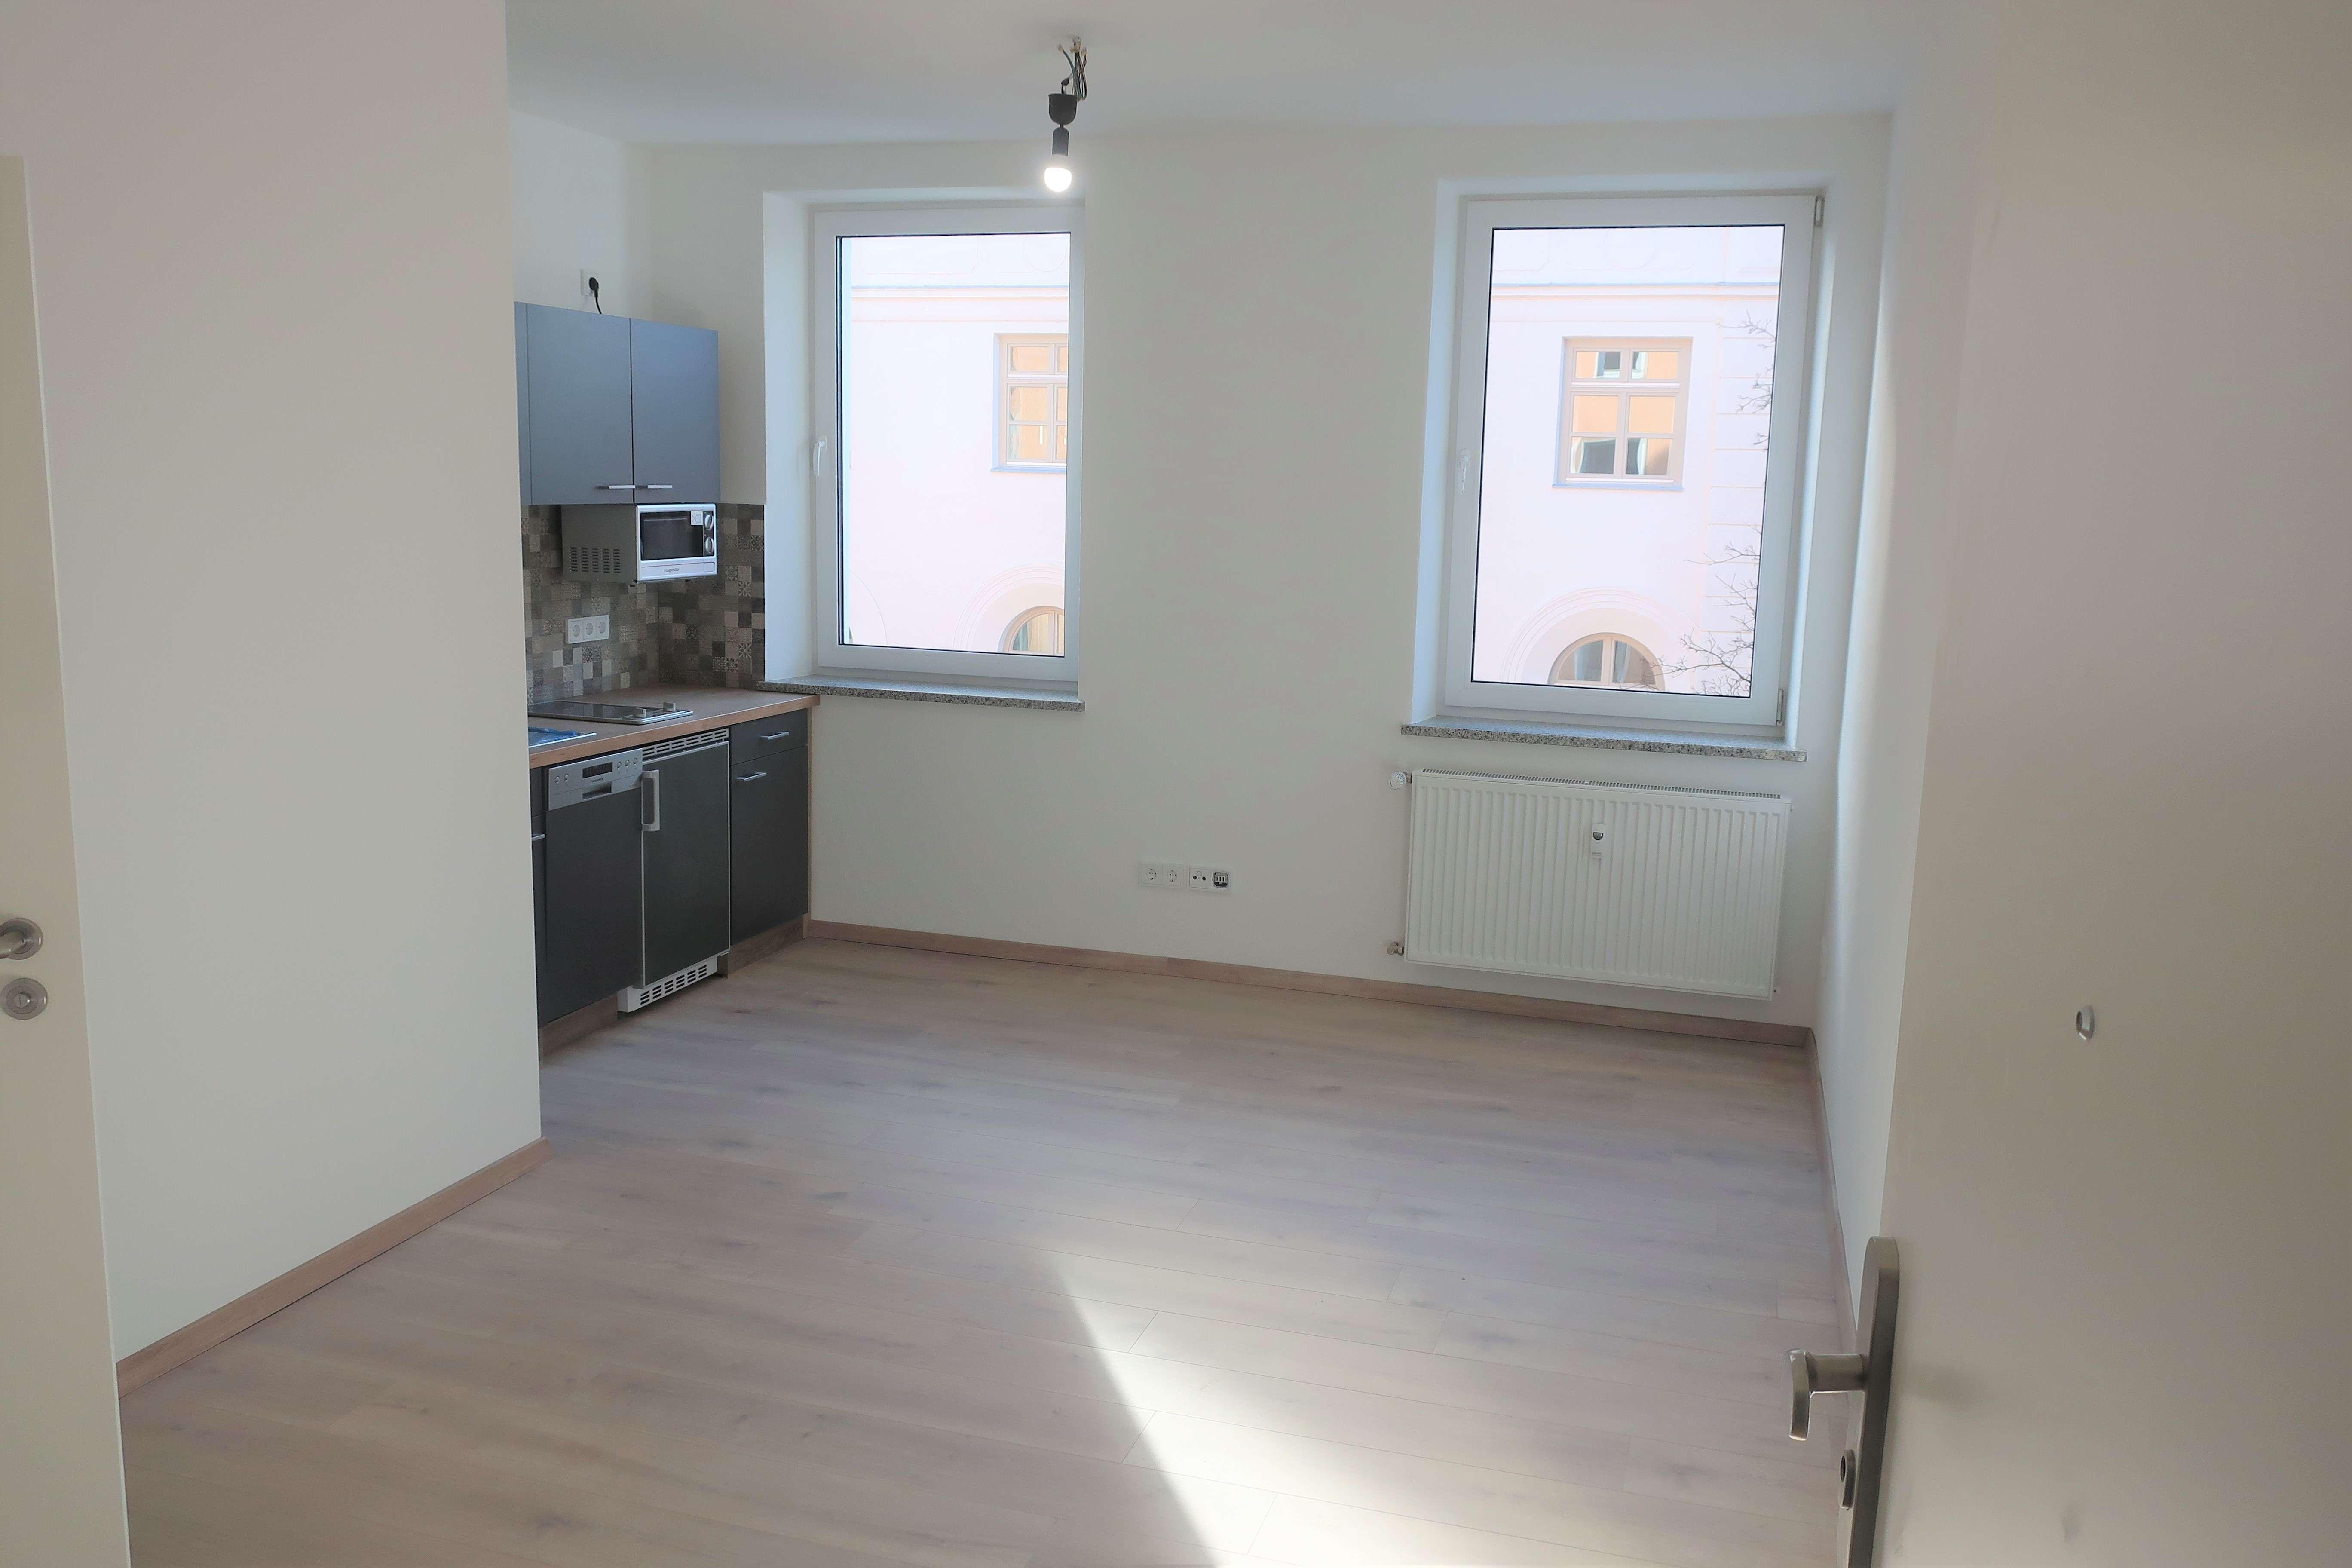 Pasing Zentrum nach Altbausanierung: Helle 1-Zimmer-Wohnung in saniertem Wohnhaus